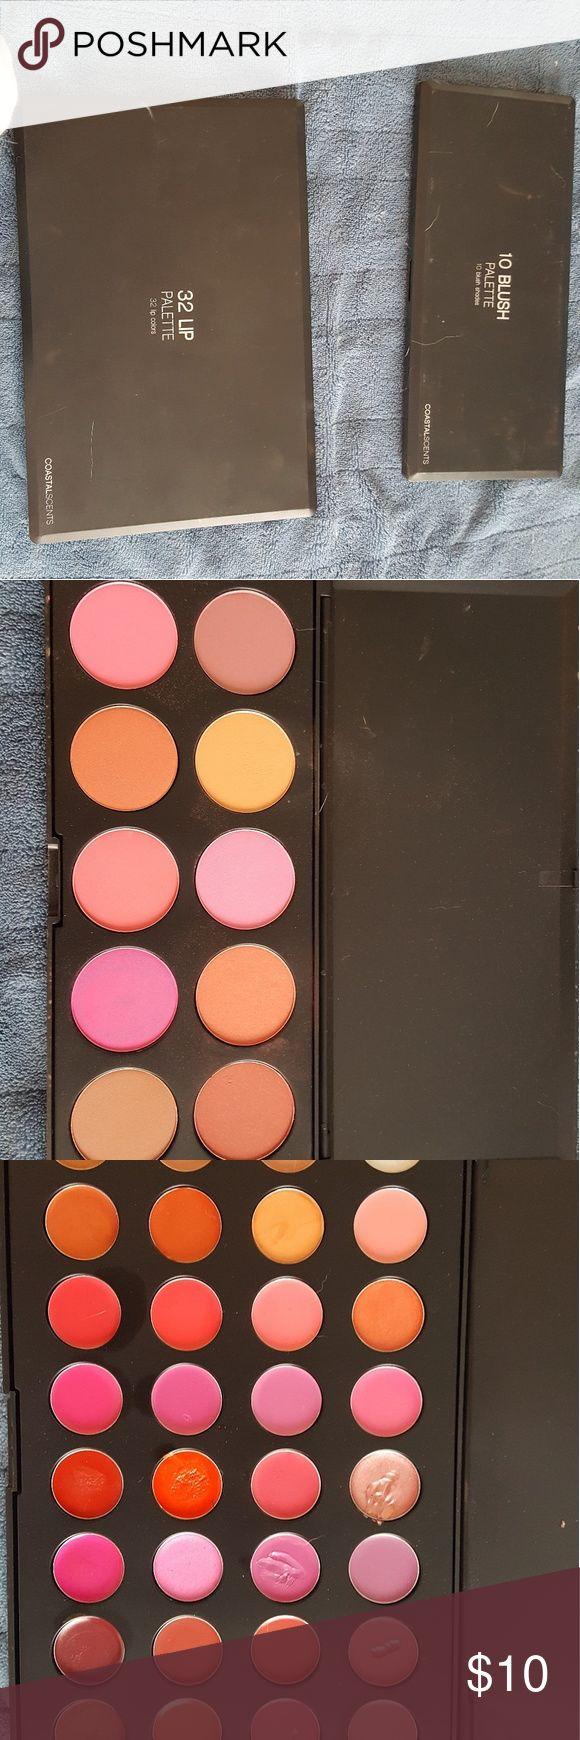 2 Coastal Scents palettes Coastal Scents lip palette and blush palette. Barely used. coastal scents Makeup